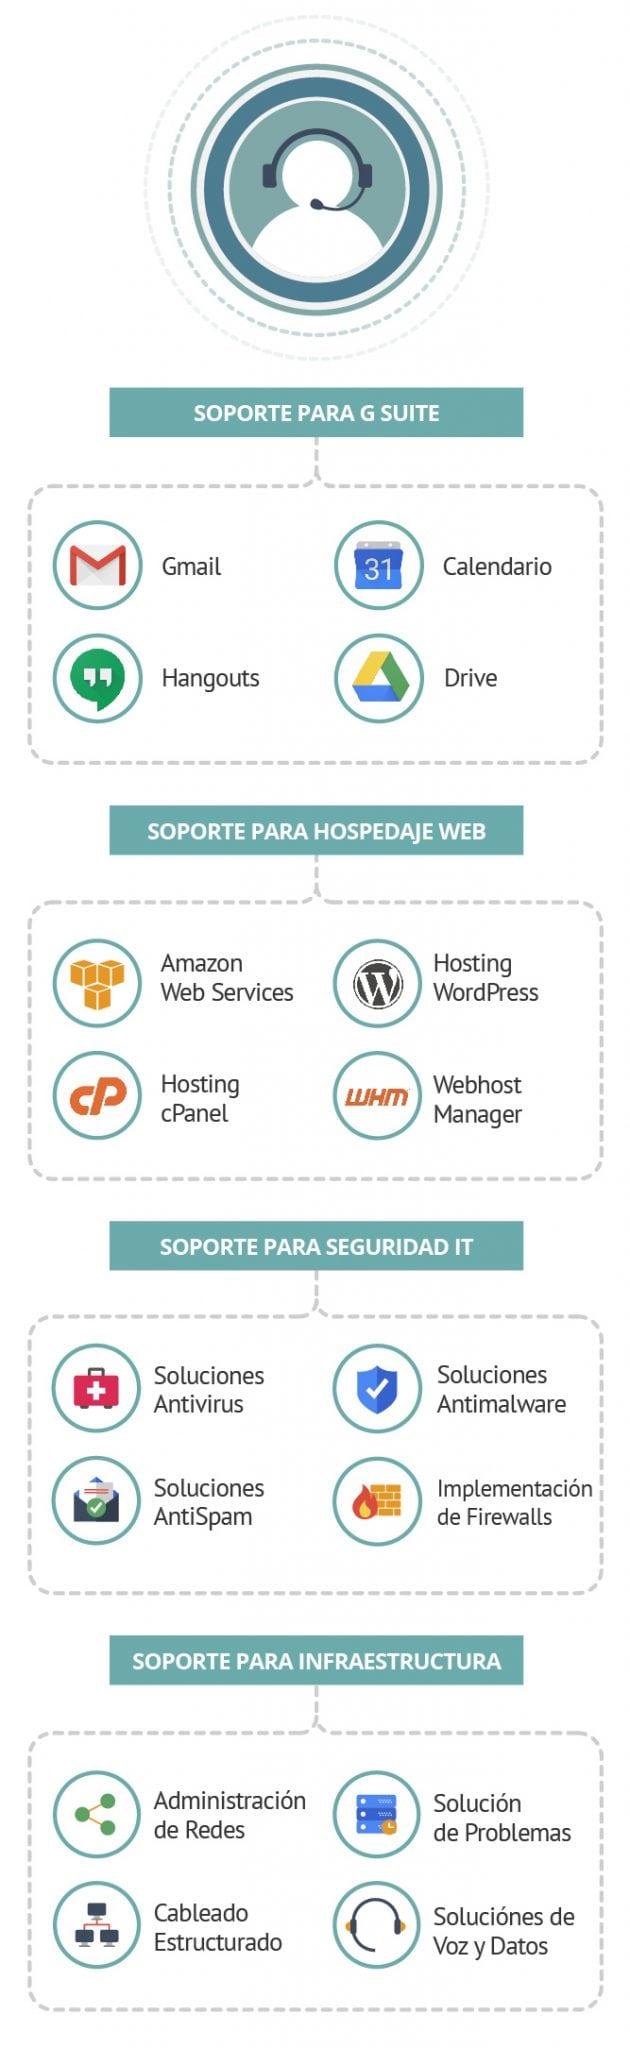 Infografía - Soporte IT